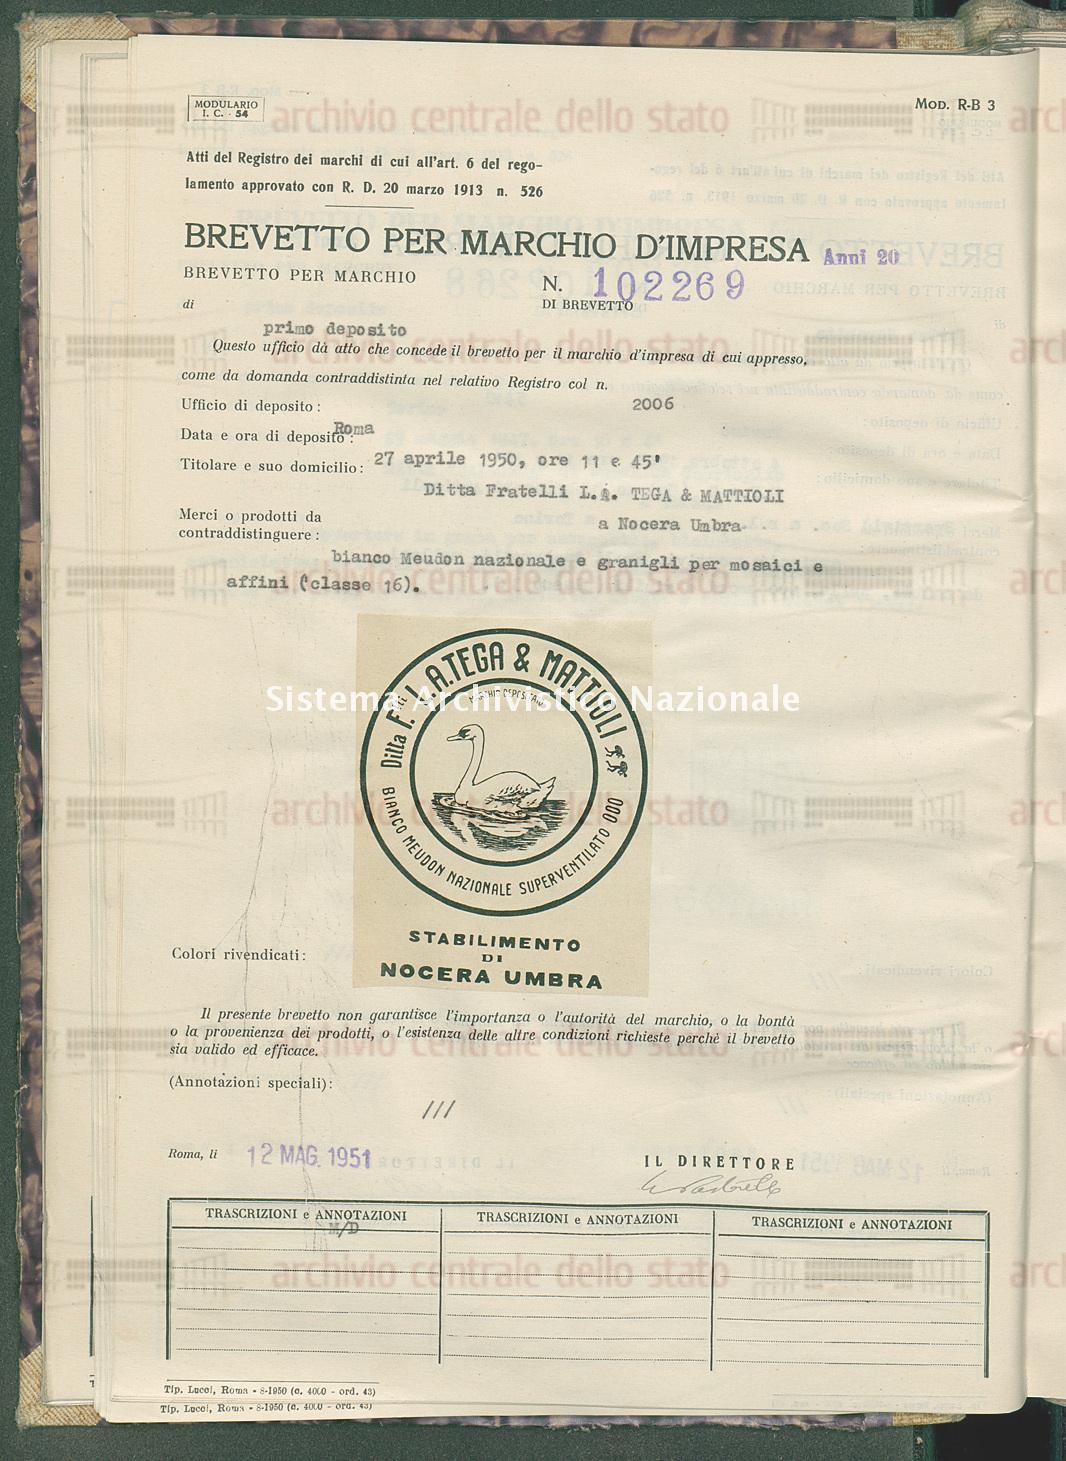 Bianco meudon nazionale e granigli per mosaici e affini Ditta Fratelli L.A. Tega & Mattioli (12/05/1951)